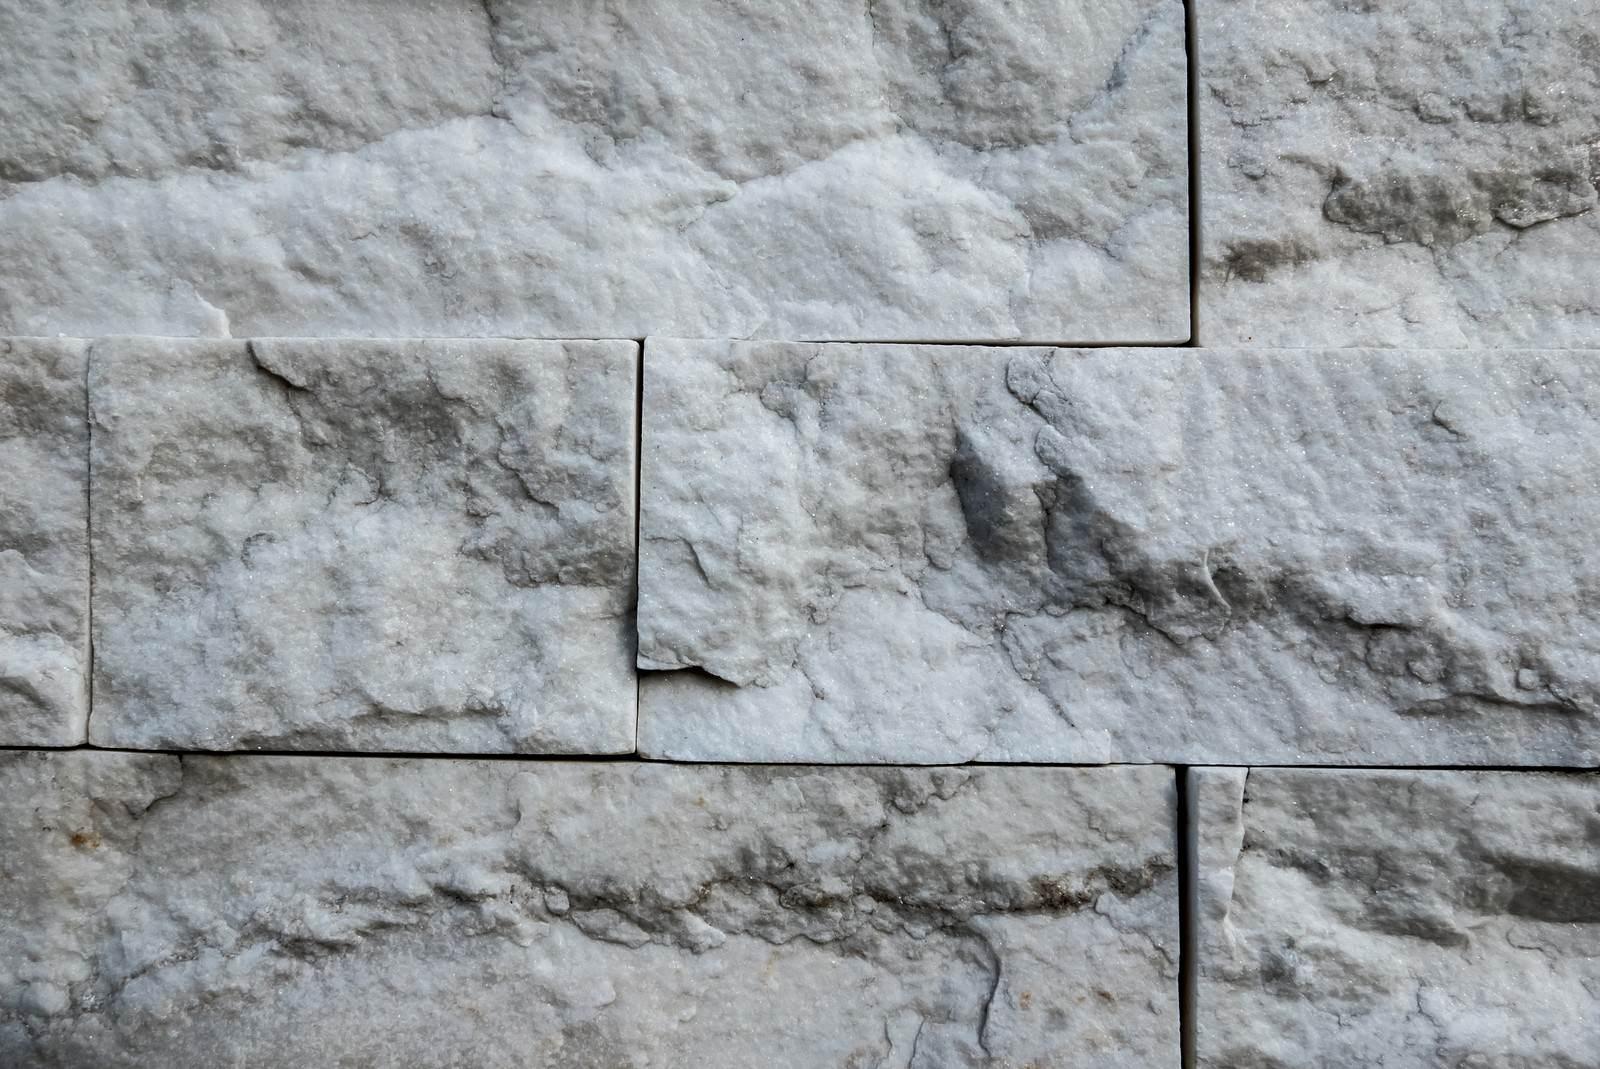 「凹凸のある石のタイル(テクスチャー)」の写真